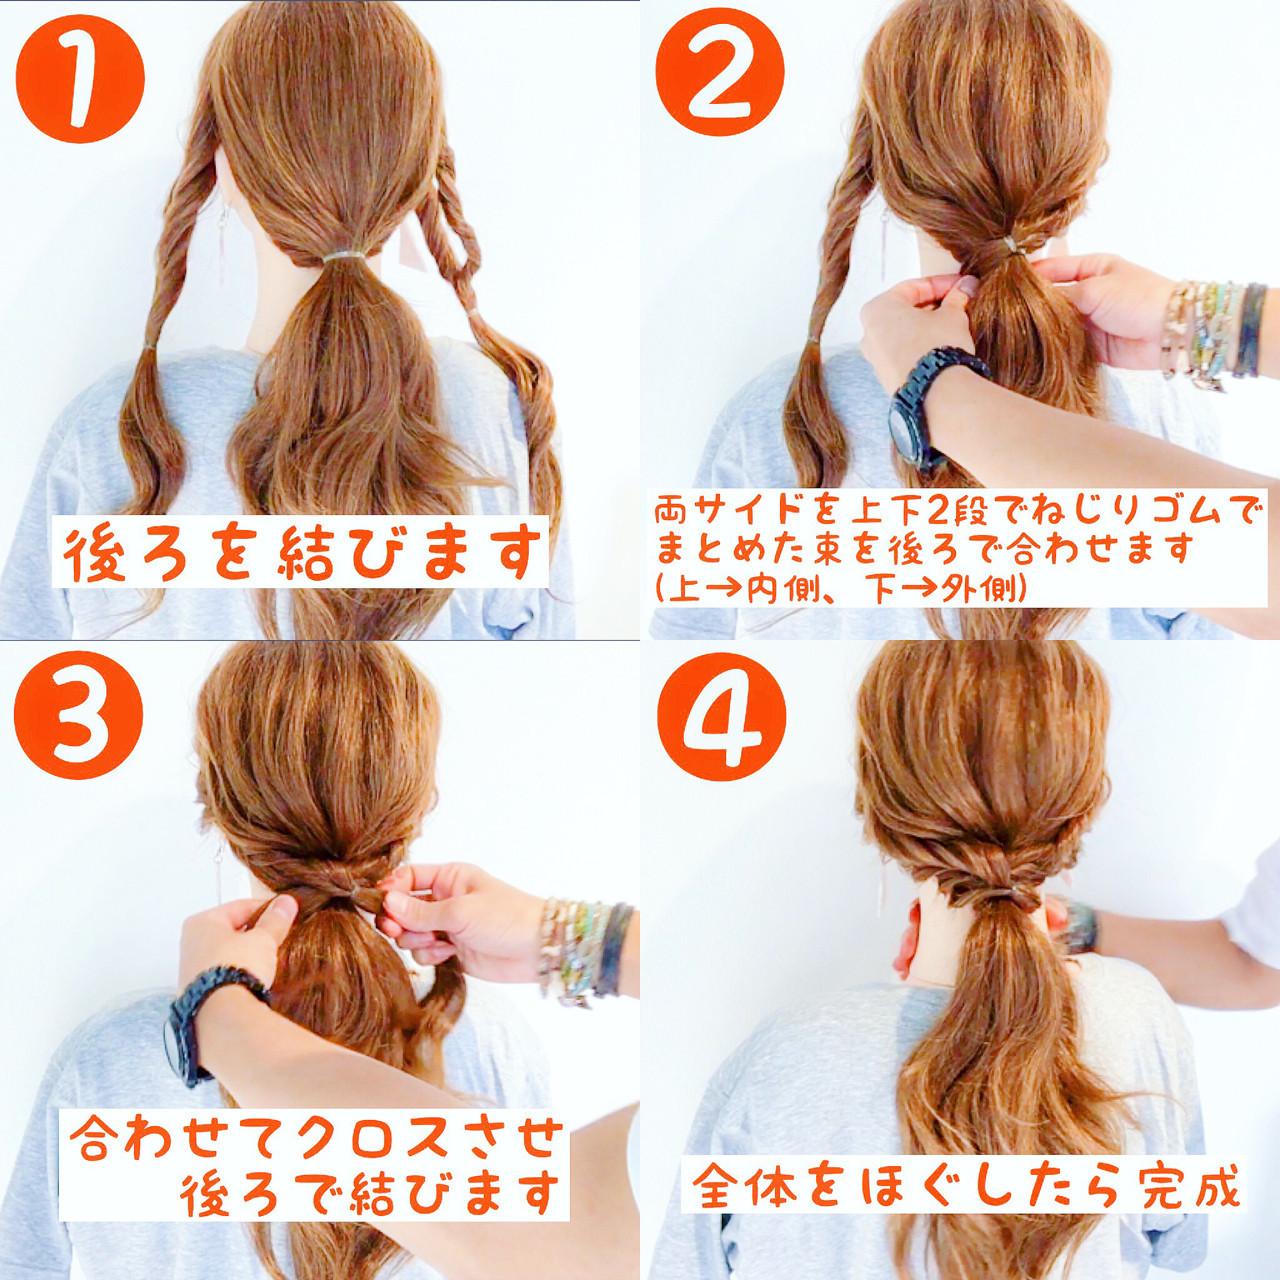 色気 オフィス フェミニン ヘアアレンジ ヘアスタイルや髪型の写真・画像